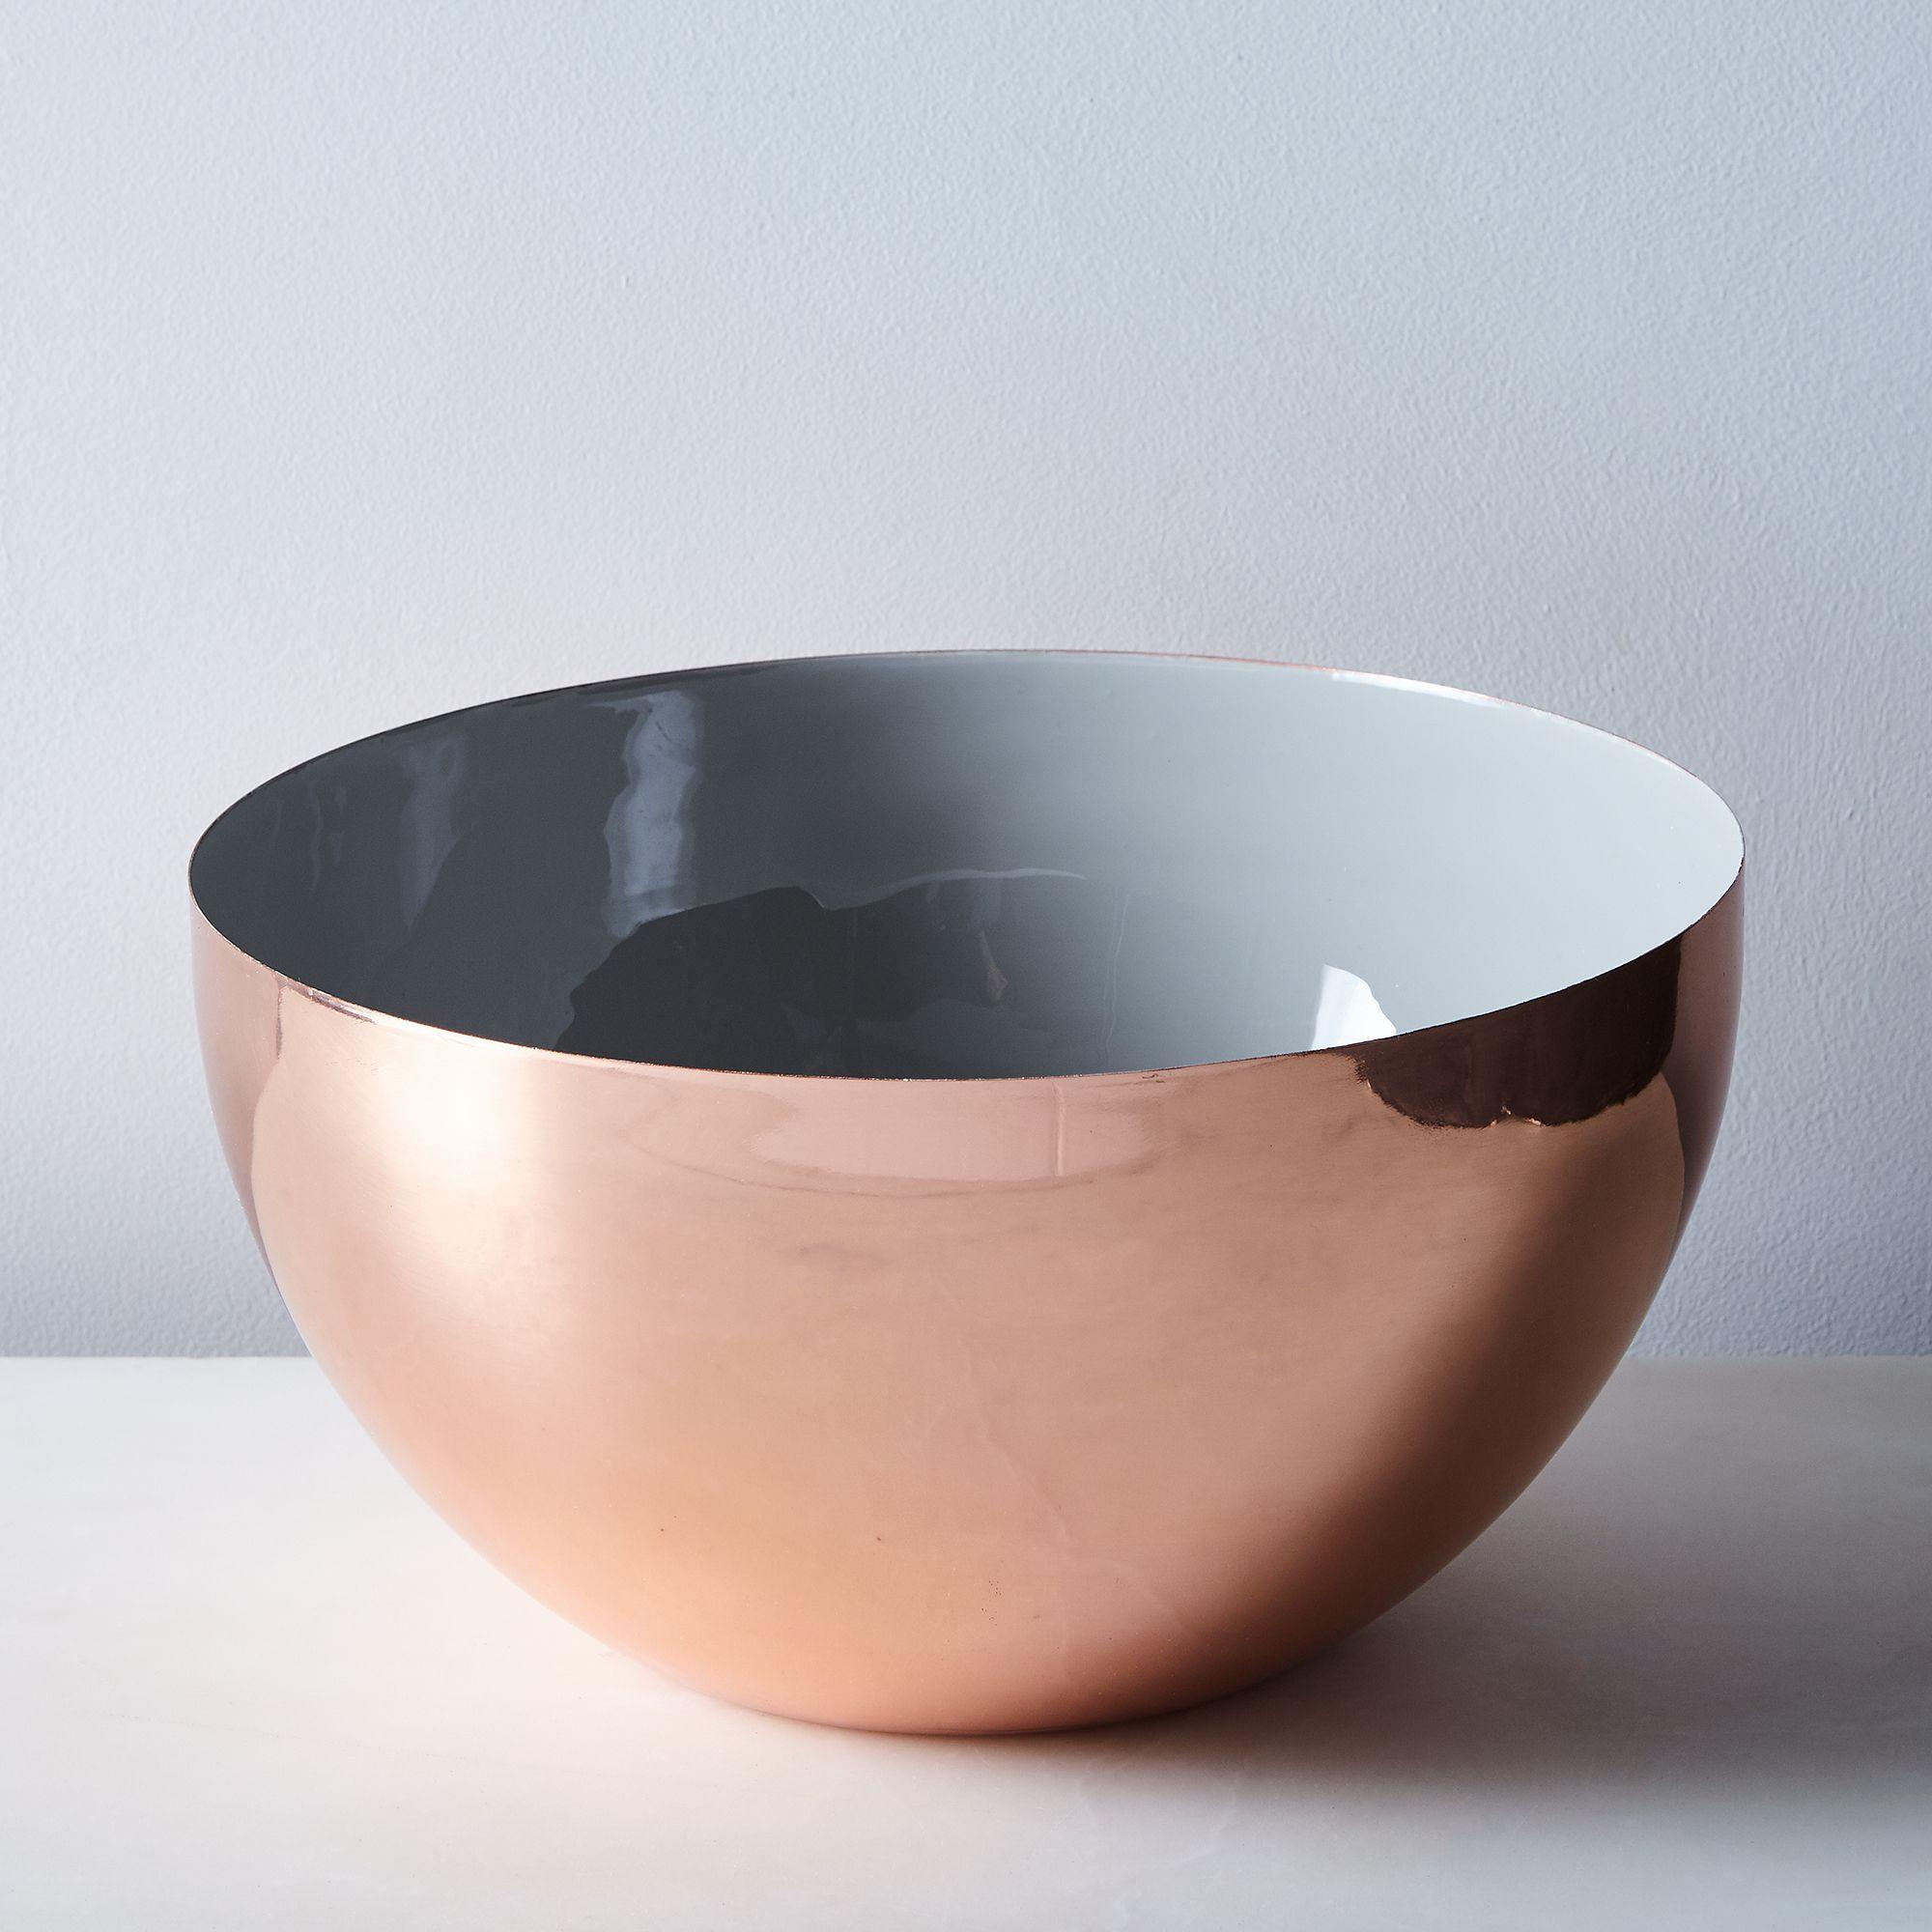 74c8654f 4df8 45ff b95f 06147156986a  2016 1118 food52 hawkins ny grey enamel louise bowls copper xlarge silo rocky luten 131